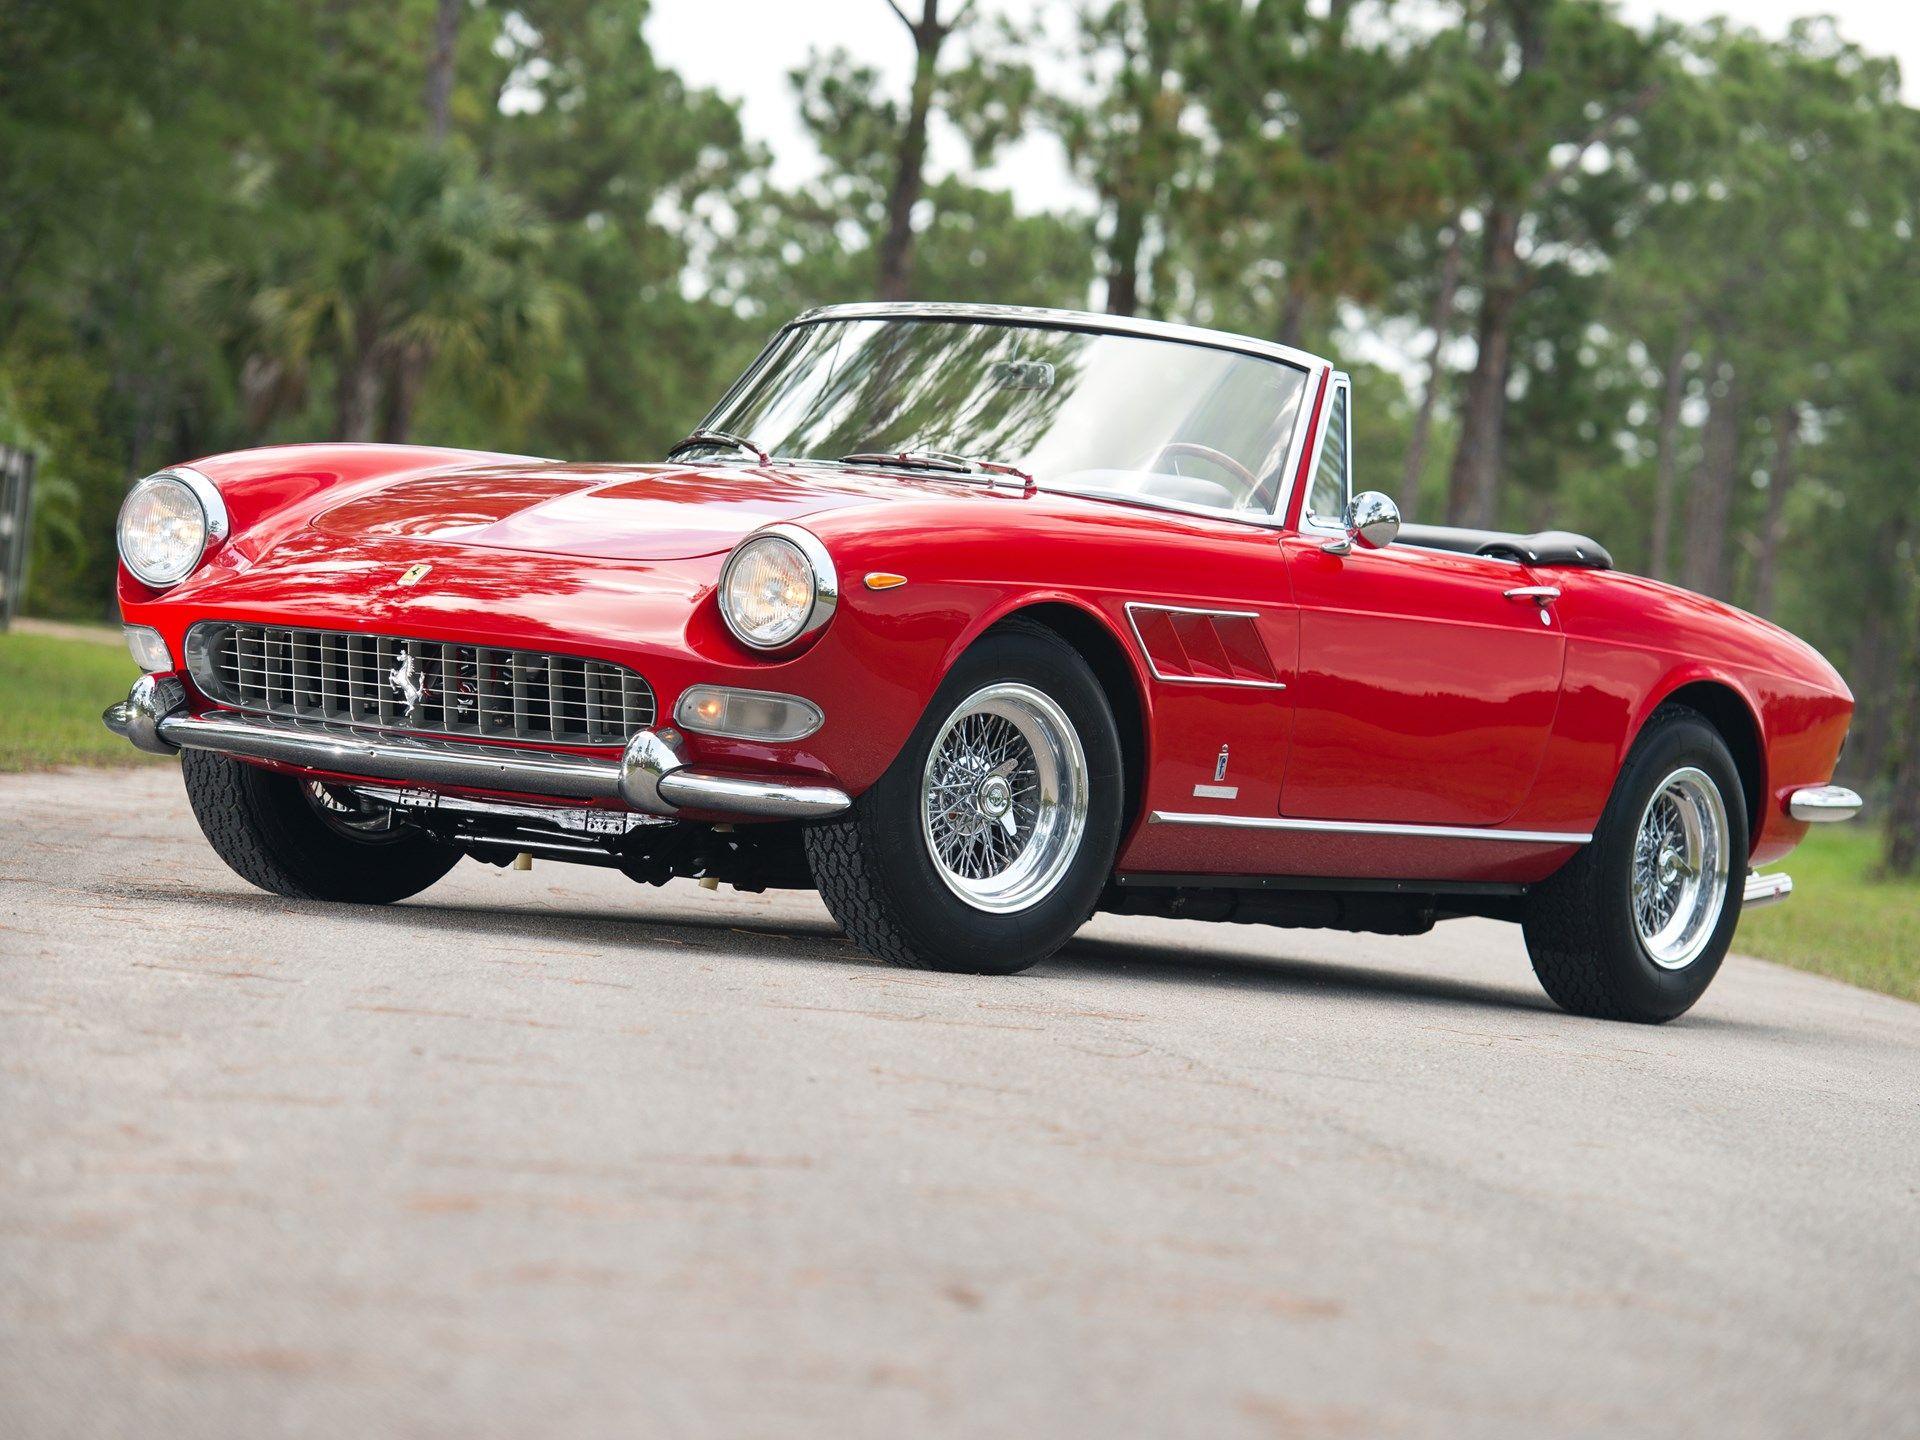 Ferrari 275 Gts 1965 Auto Classiche Auto D Epoca Auto